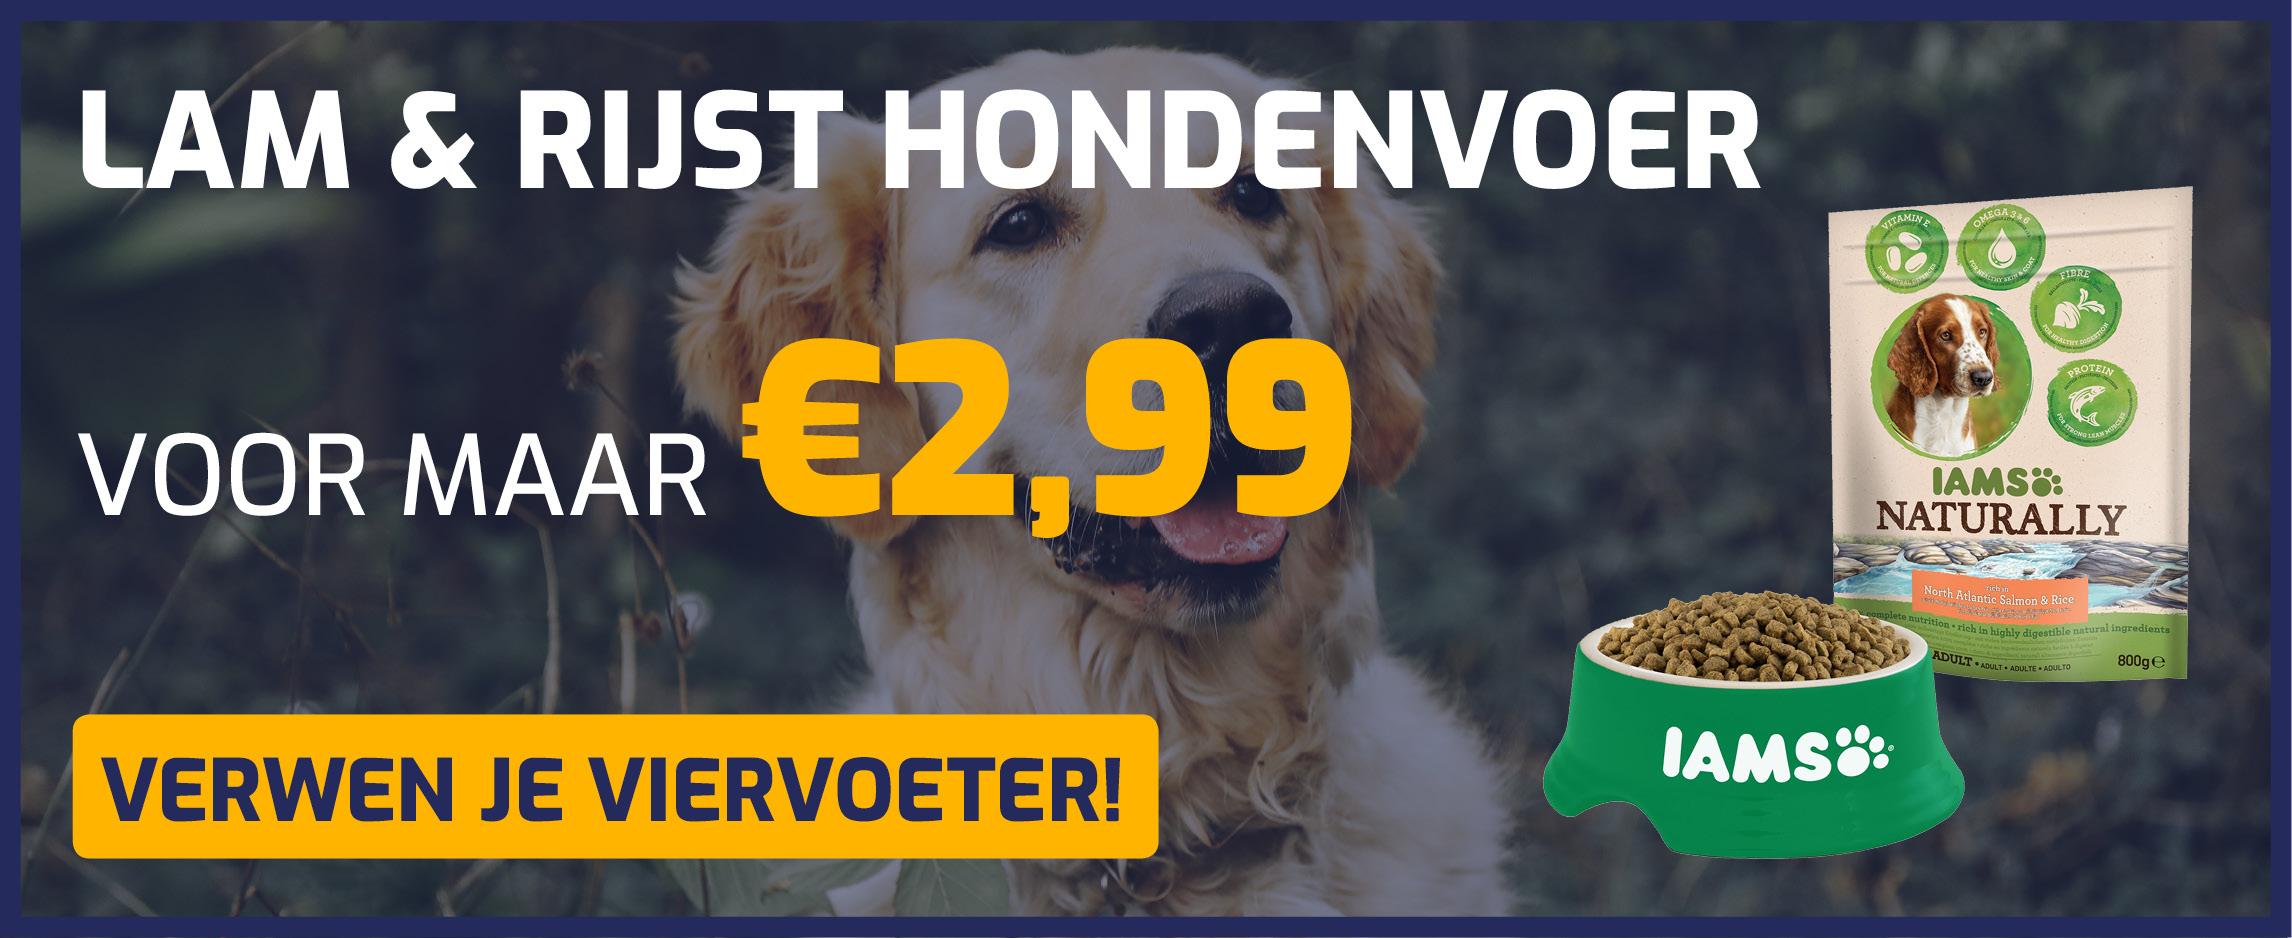 Lam en rijst hondenvoer, voor maar €2,99!